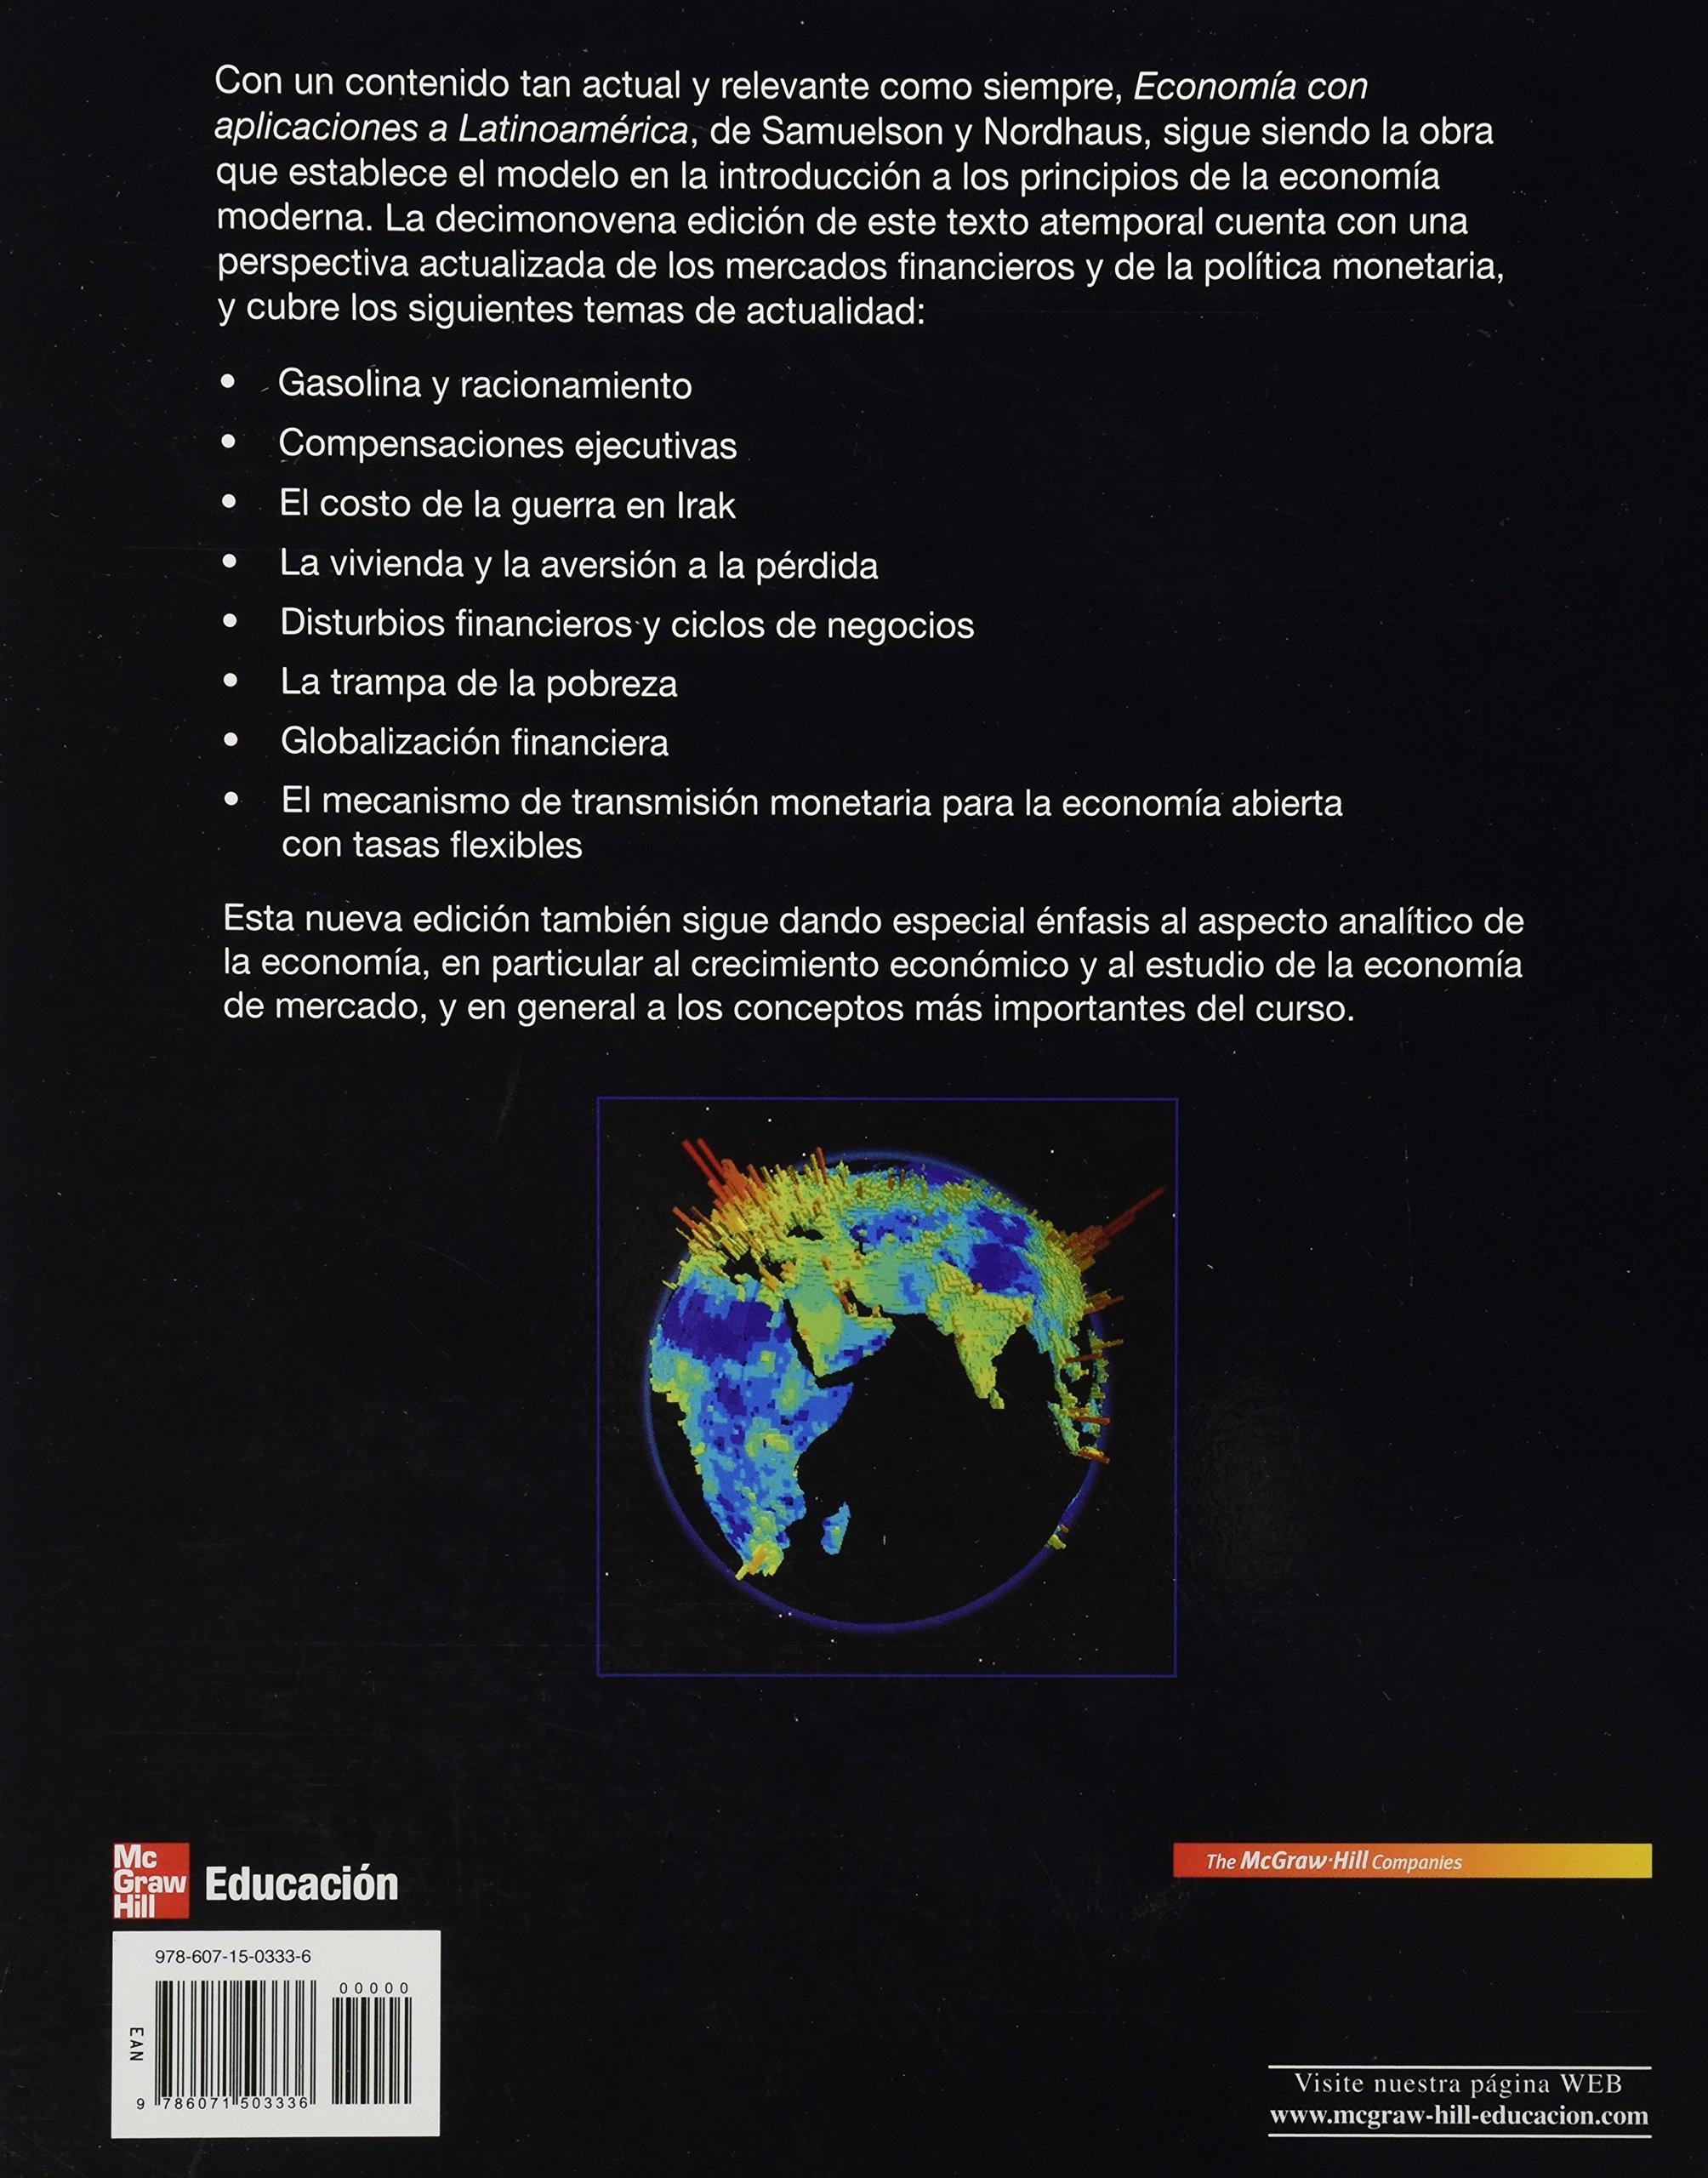 Economia con aplicaciones a latinoamerica paul samuelson y nordhaus w 9786071503336 amazon com books